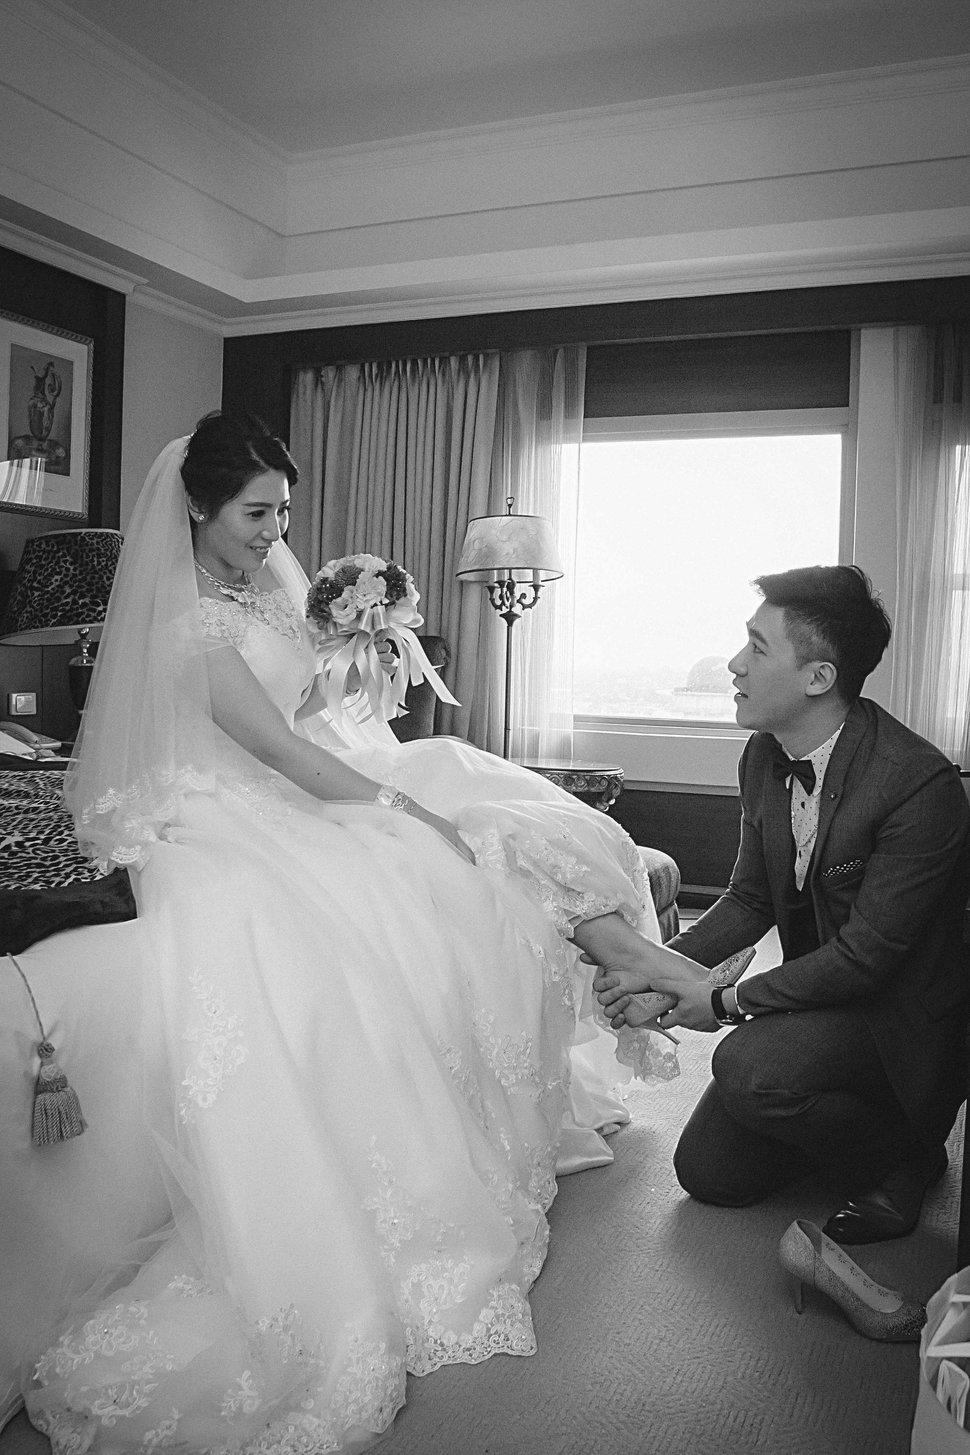 5J1Z8637 - teyes photostudio - 結婚吧